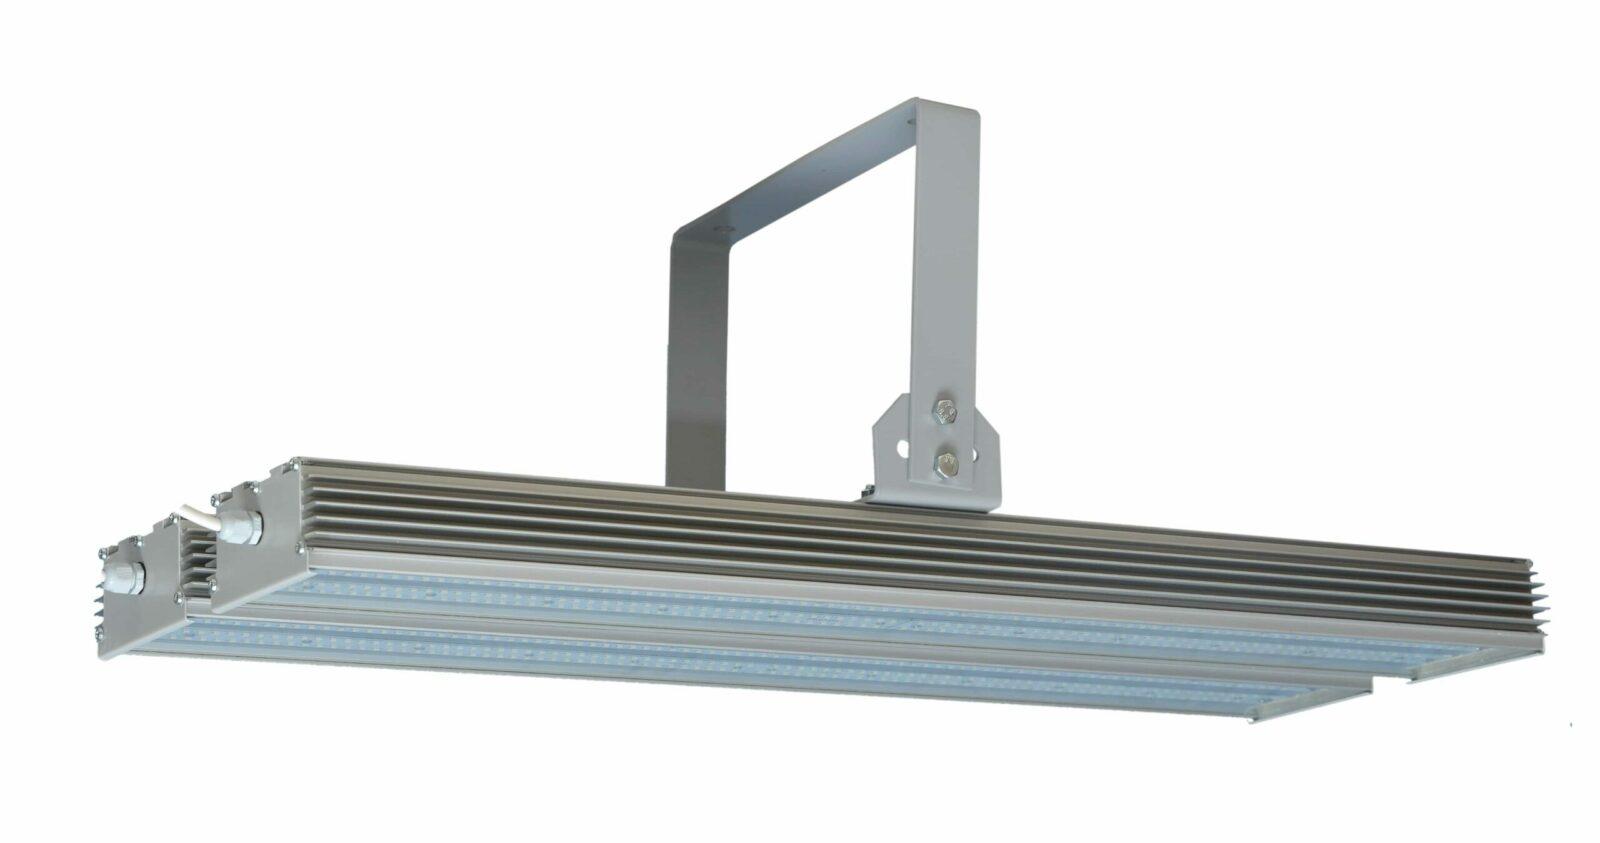 Уличный светодиодный светильник PLO 05-010-5-400 Вт (2х200) Лира